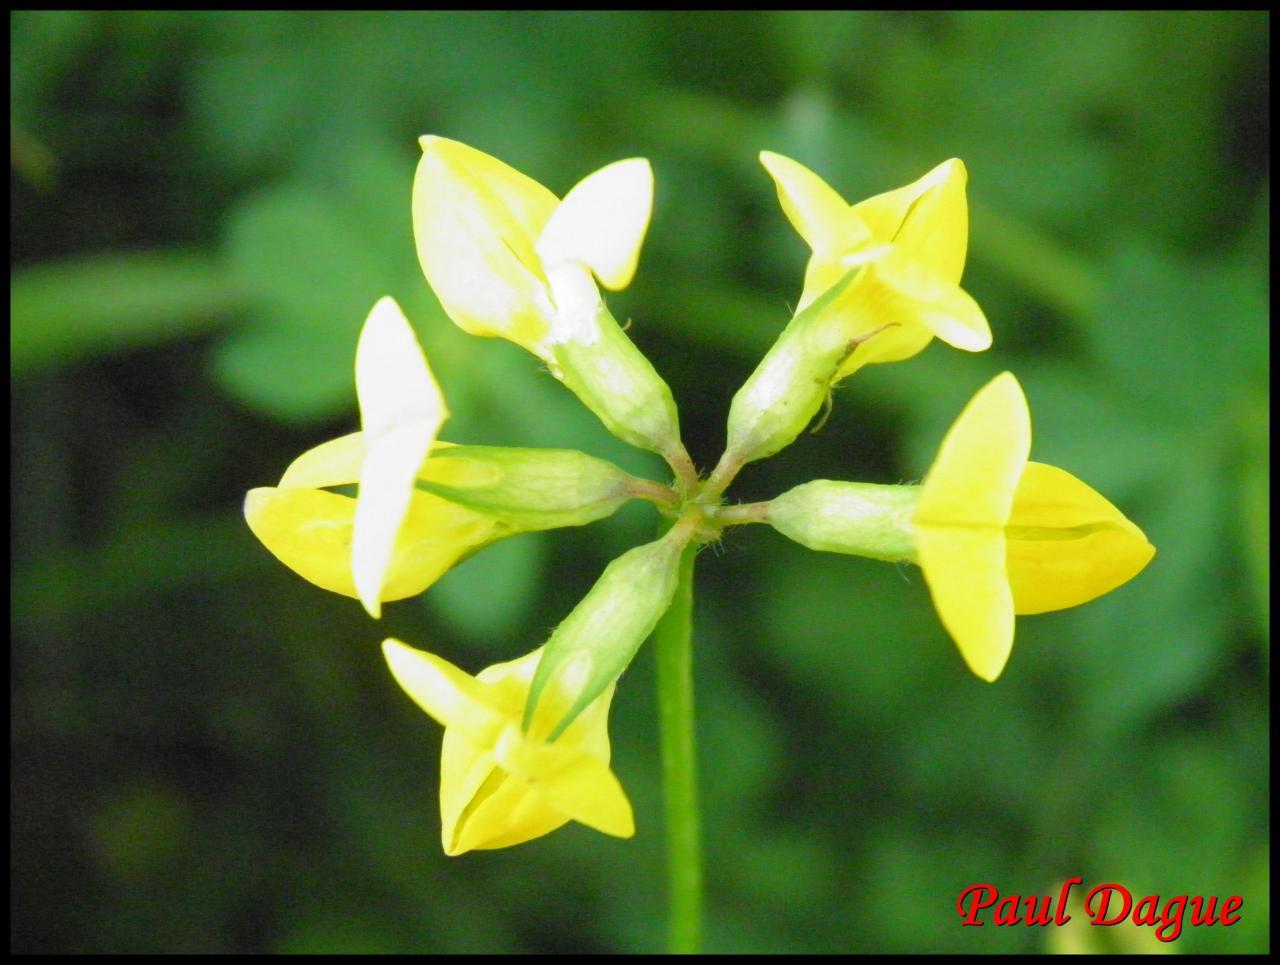 fleurs jaunes à symétrie bilatérale